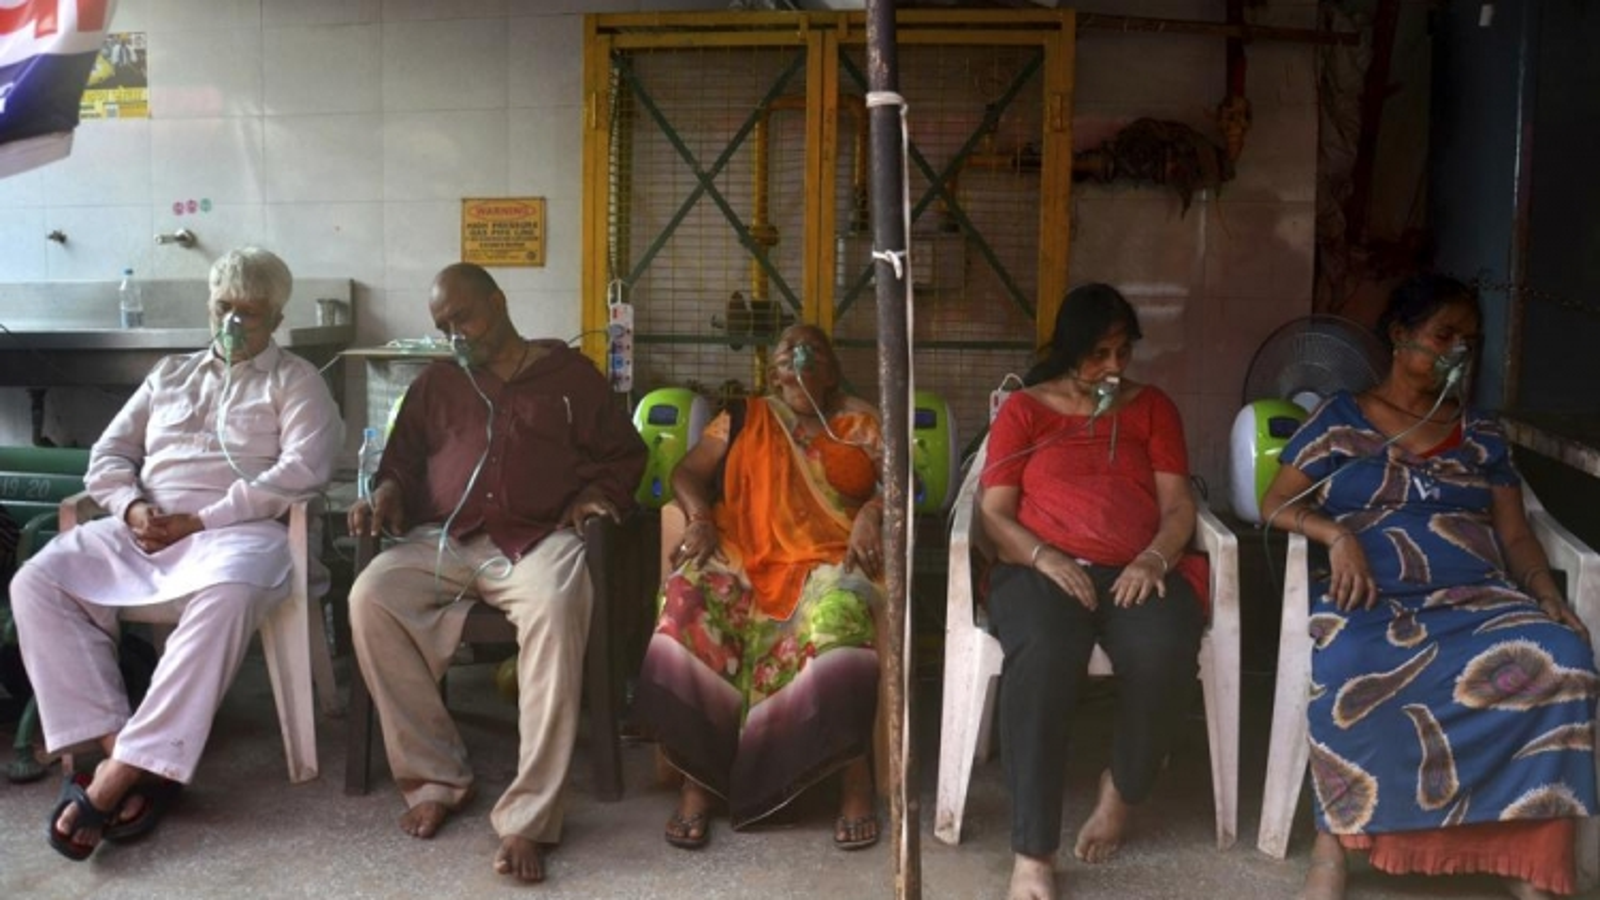 Tòa án Ấn Độ sẽ trừng phạt quan chức không cung cấp đủ oxy cho bệnh viện